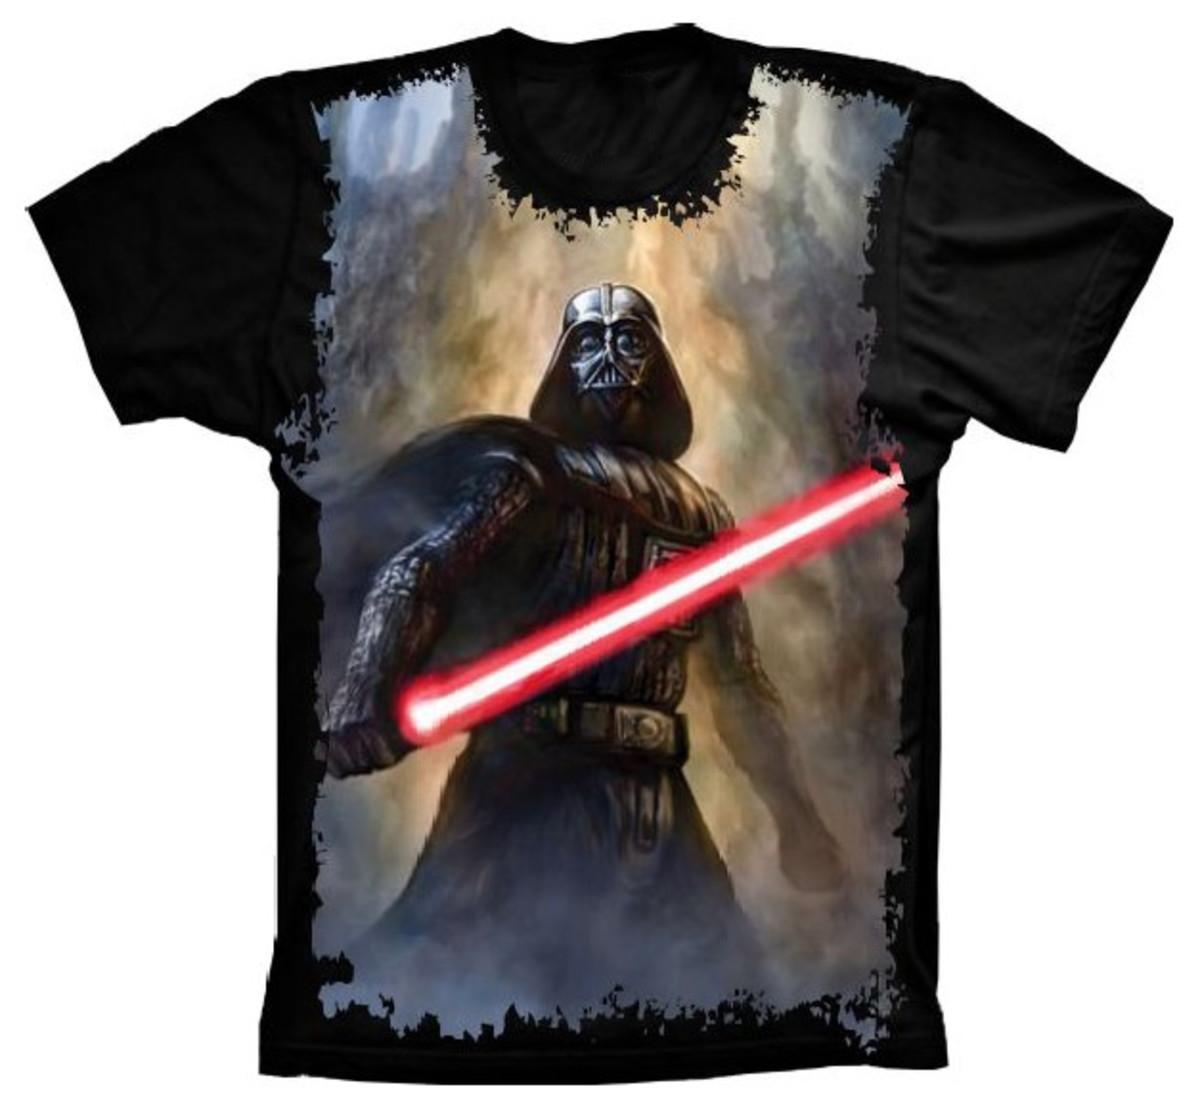 66049f7bfc Camiseta Star Wars Darth Vader Sabre de Luz no Elo7